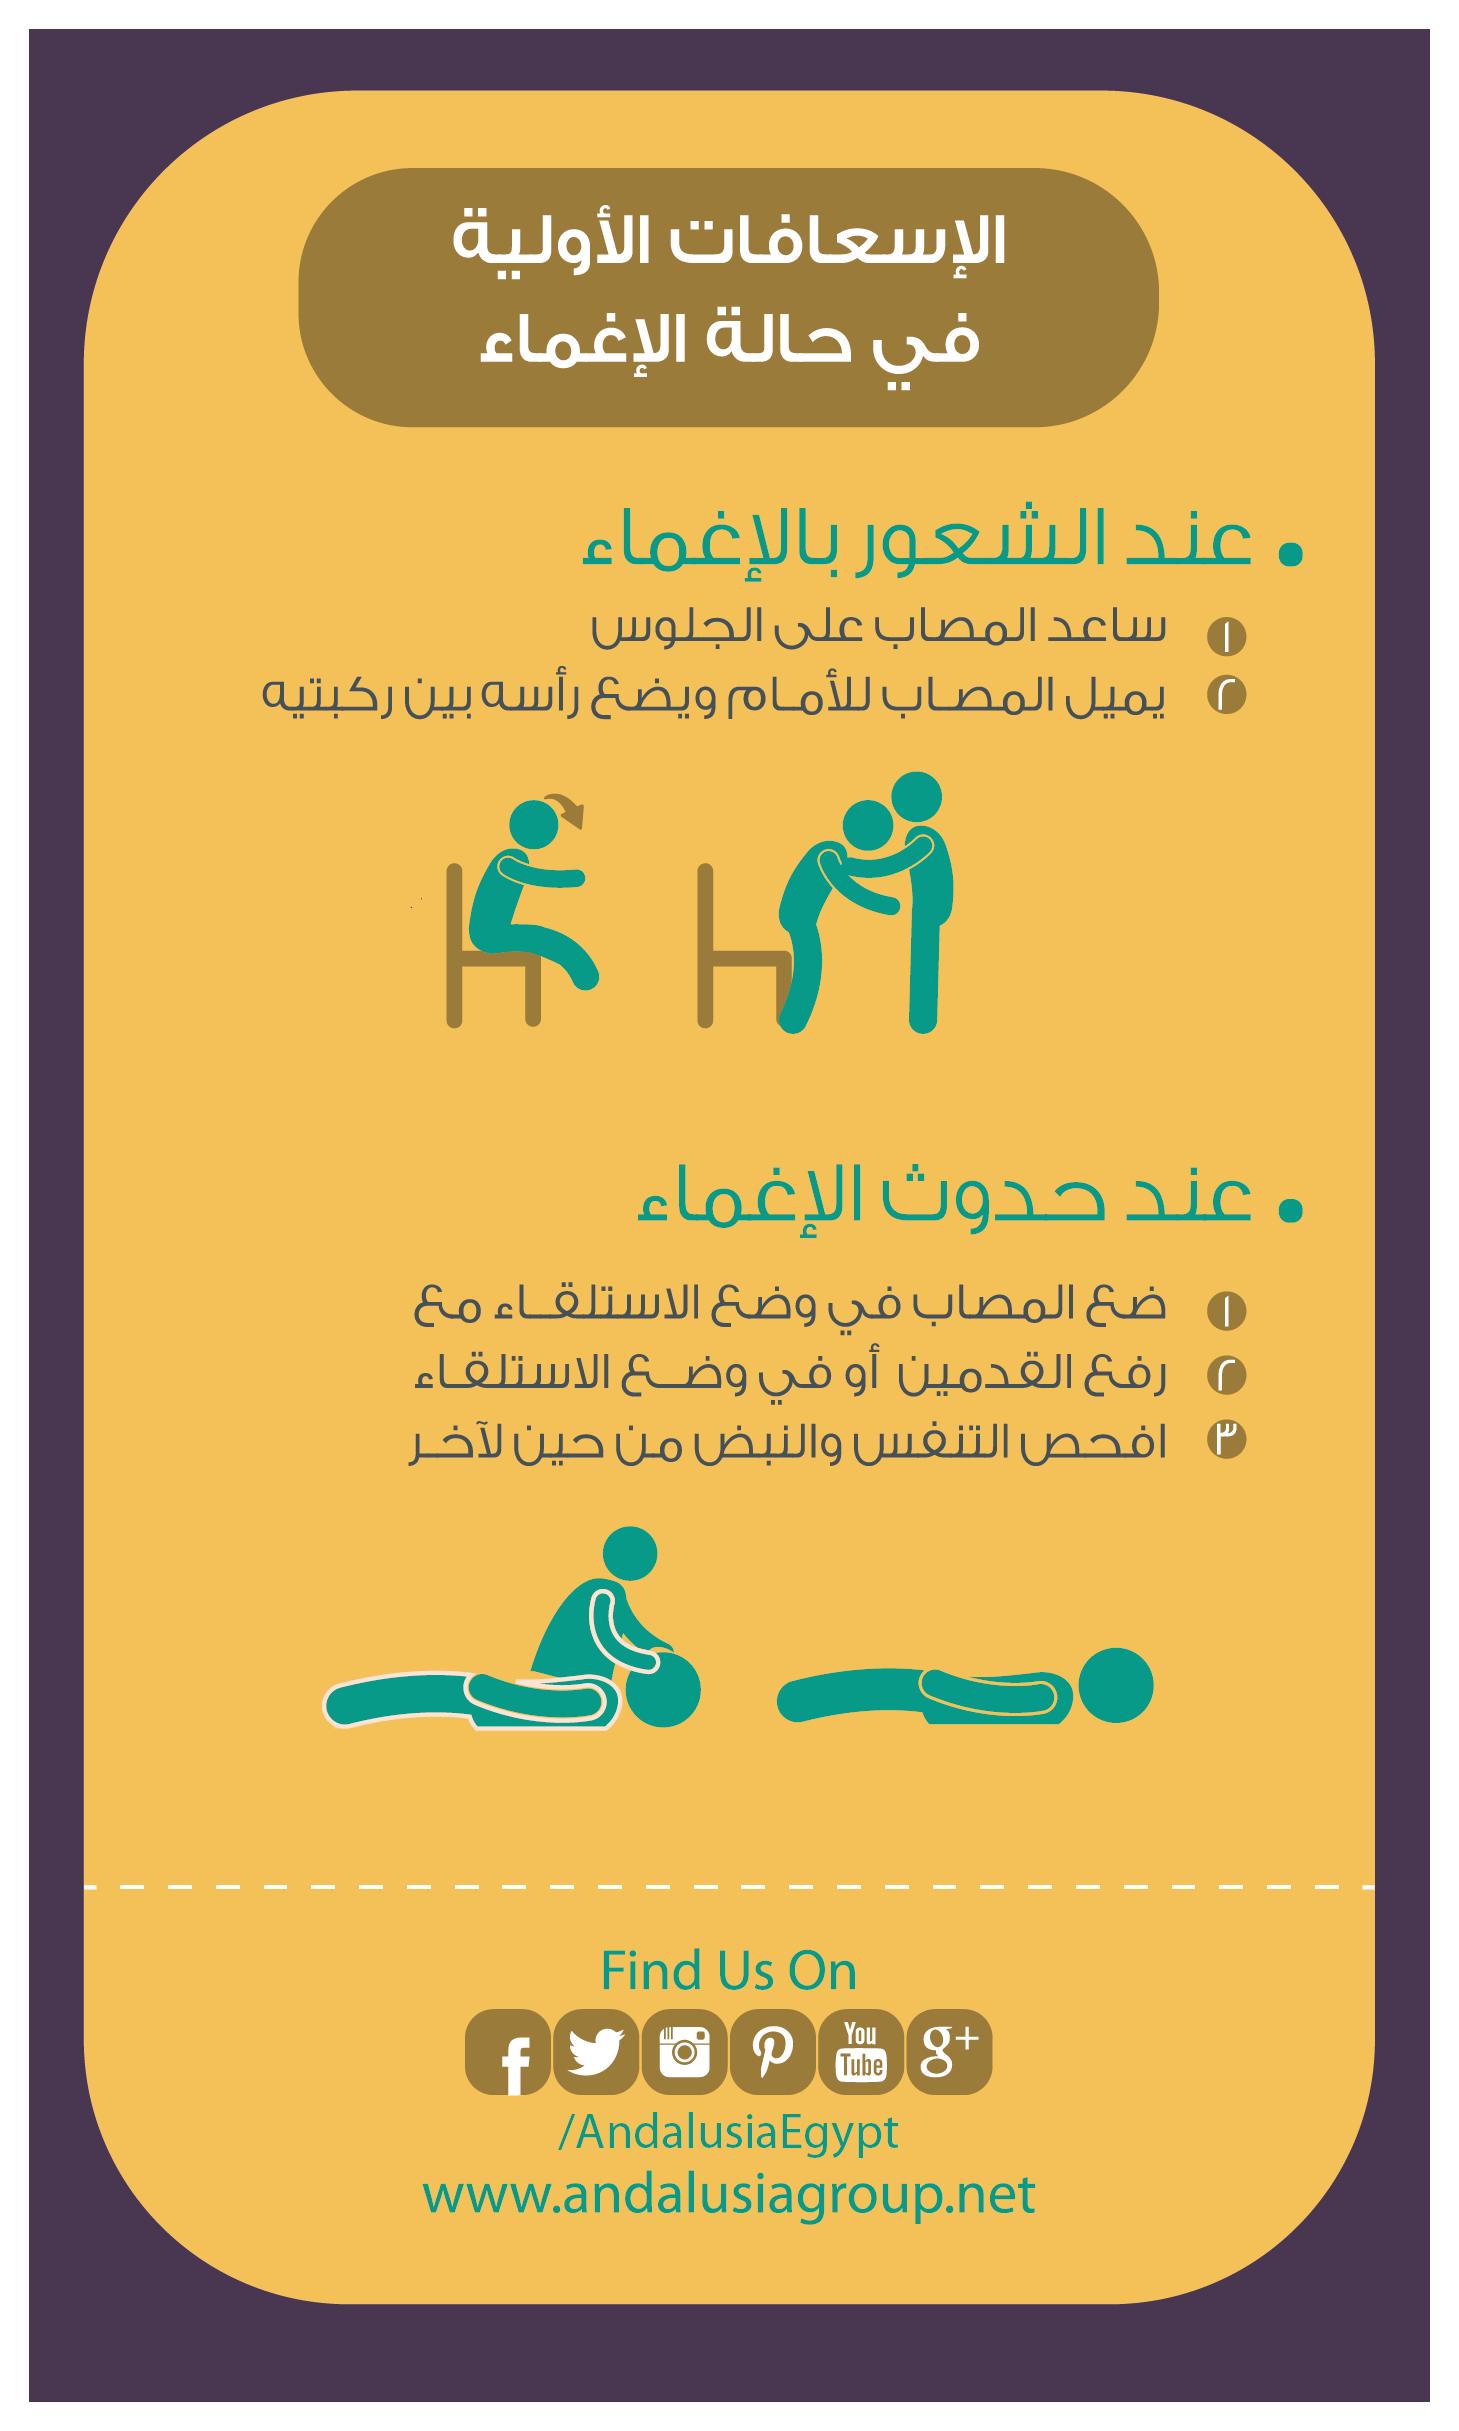 كيف تتعامل مع الشخص الذي يشعر بالاغماء او عند حدوث الاغماء Medical Services Medical Emergency Medicine